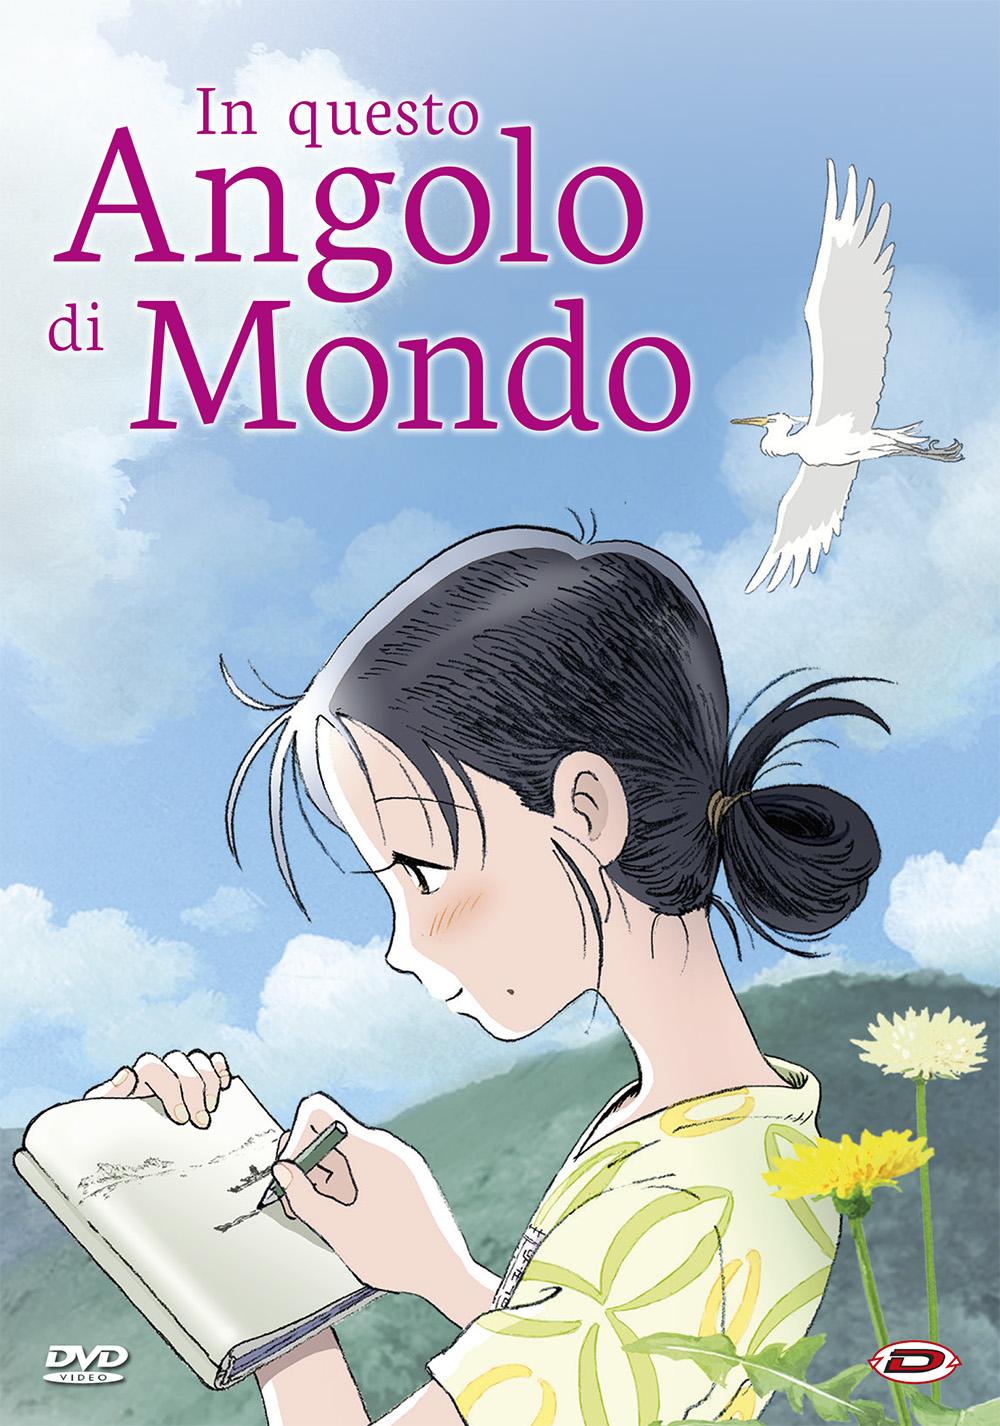 IN QUESTO ANGOLO DI MONDO (STANDARD EDITION) (DVD)